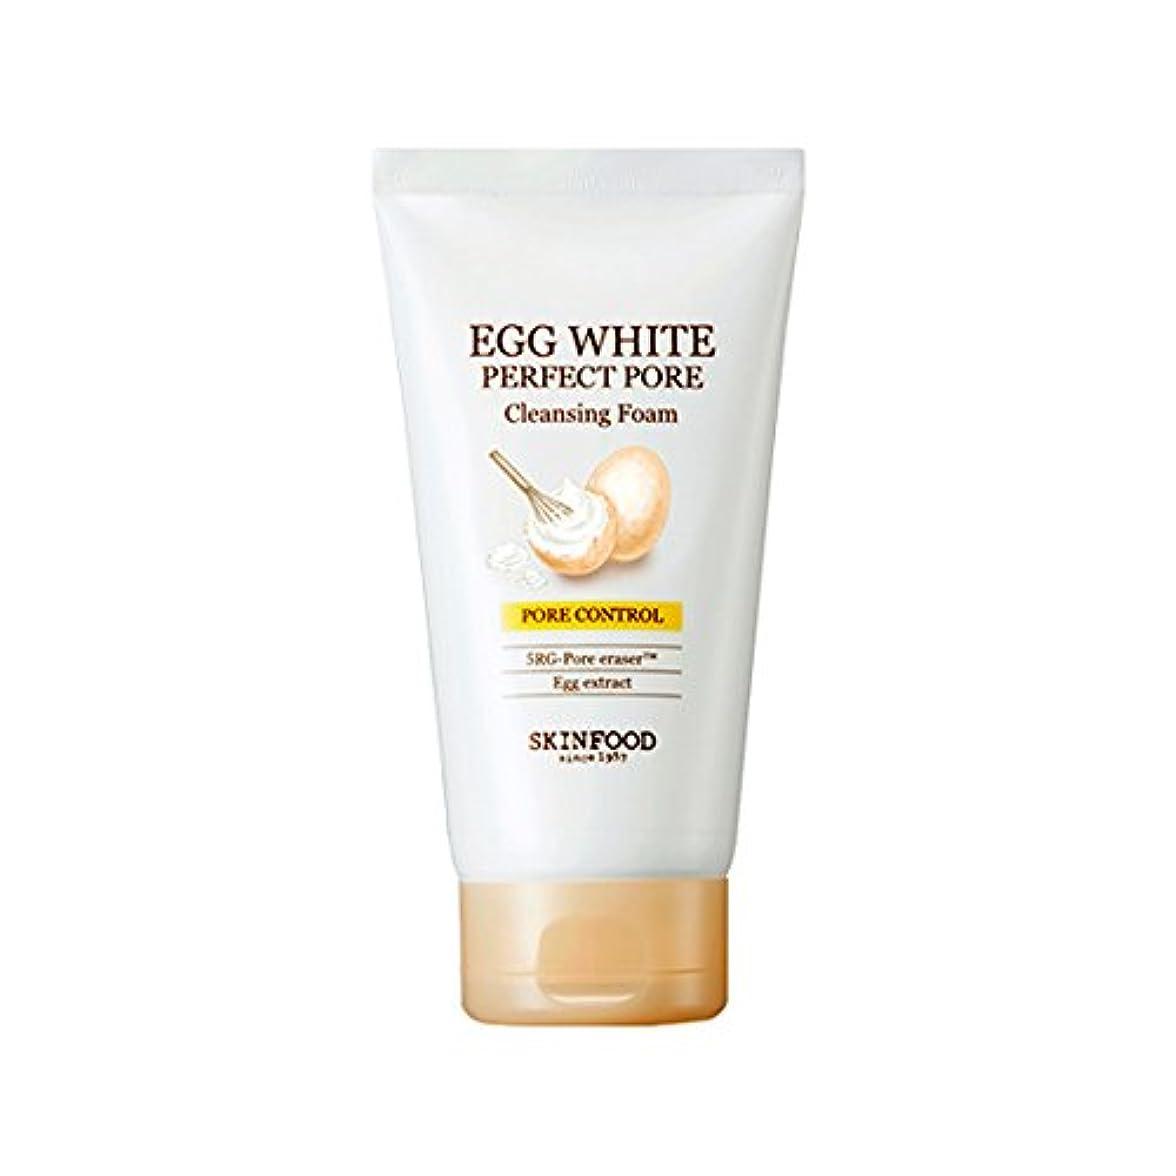 ホステル豊かにするサバント[2017 New] SKINFOOD Egg White Perfect Pore Cleansing Foam 150ml/スキンフード エッグ ホワイト パーフェクト ポア クレンジング フォーム 150ml [並行輸入品]